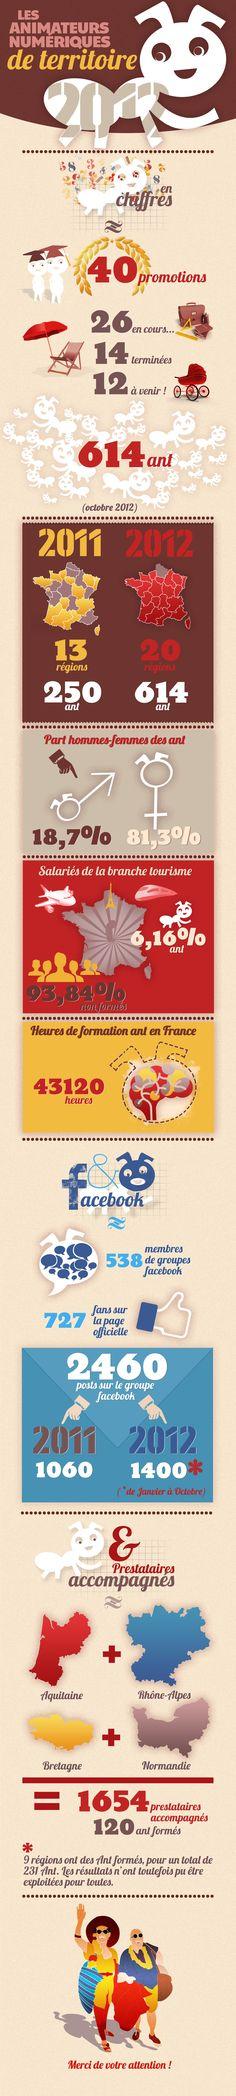 L'infographie officielle des Animateurs Numériques de Territoire #ant 2012